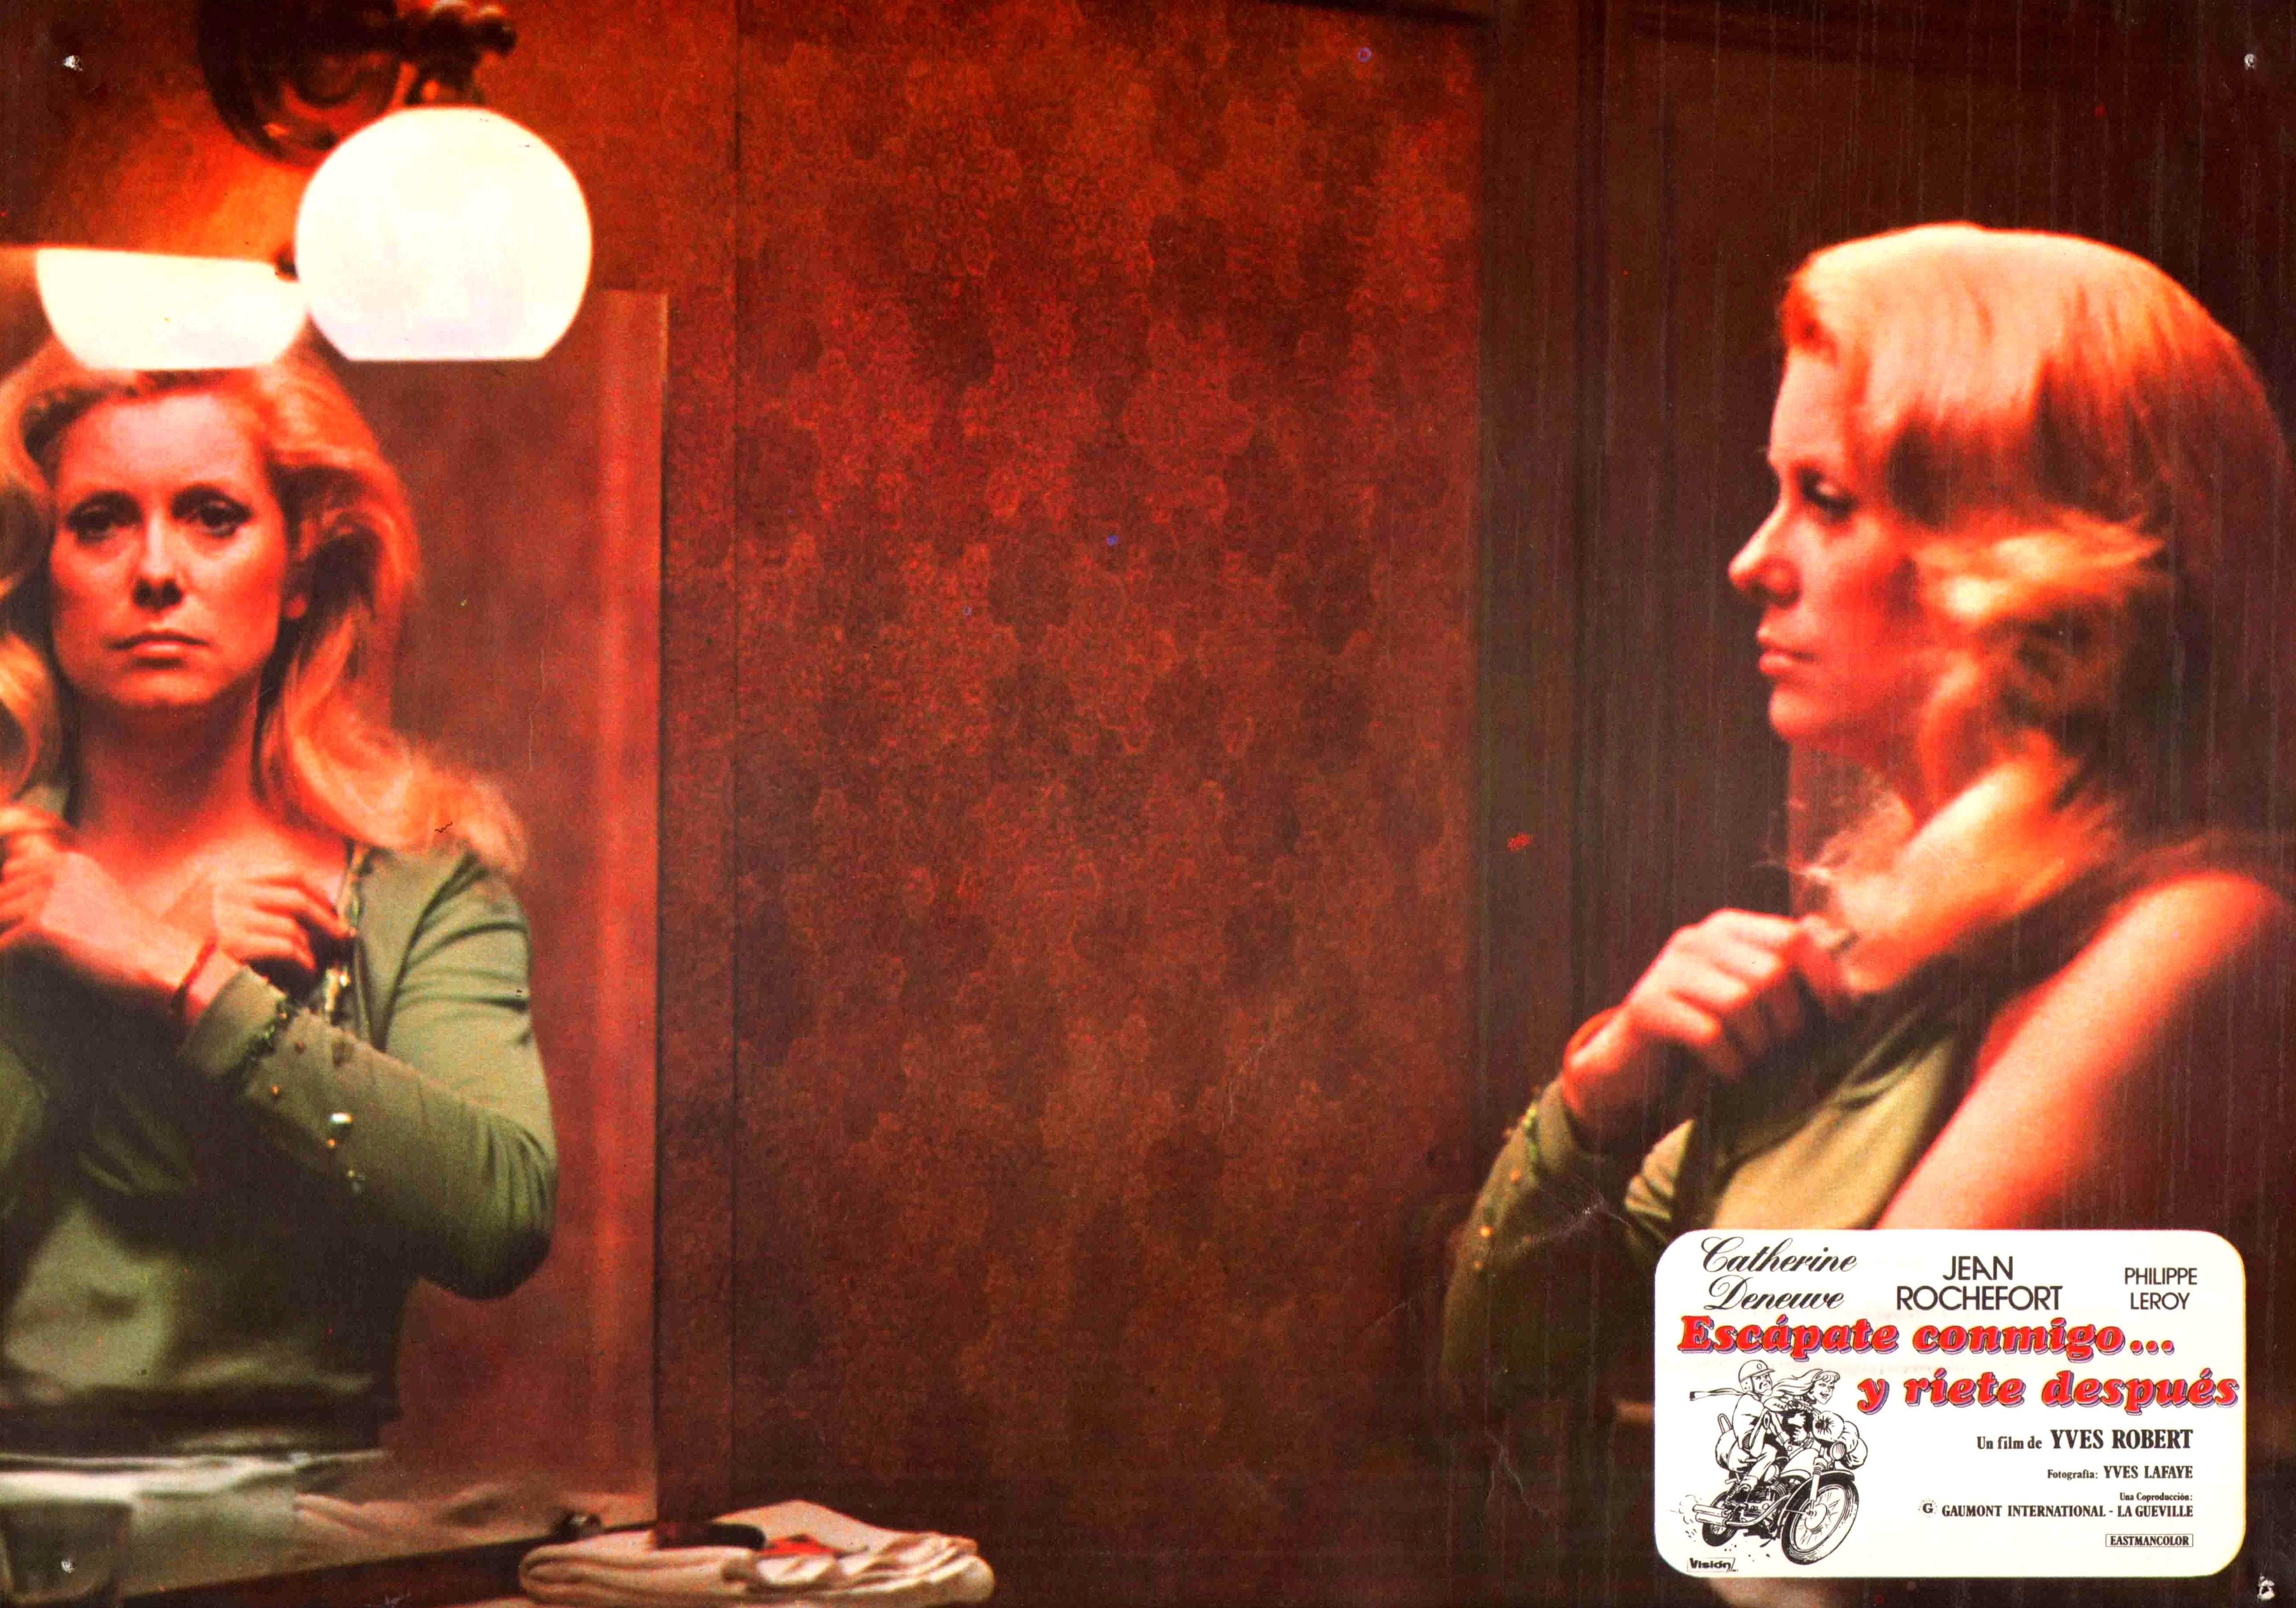 Catherine Deneuve in Courage fuyons (1979)